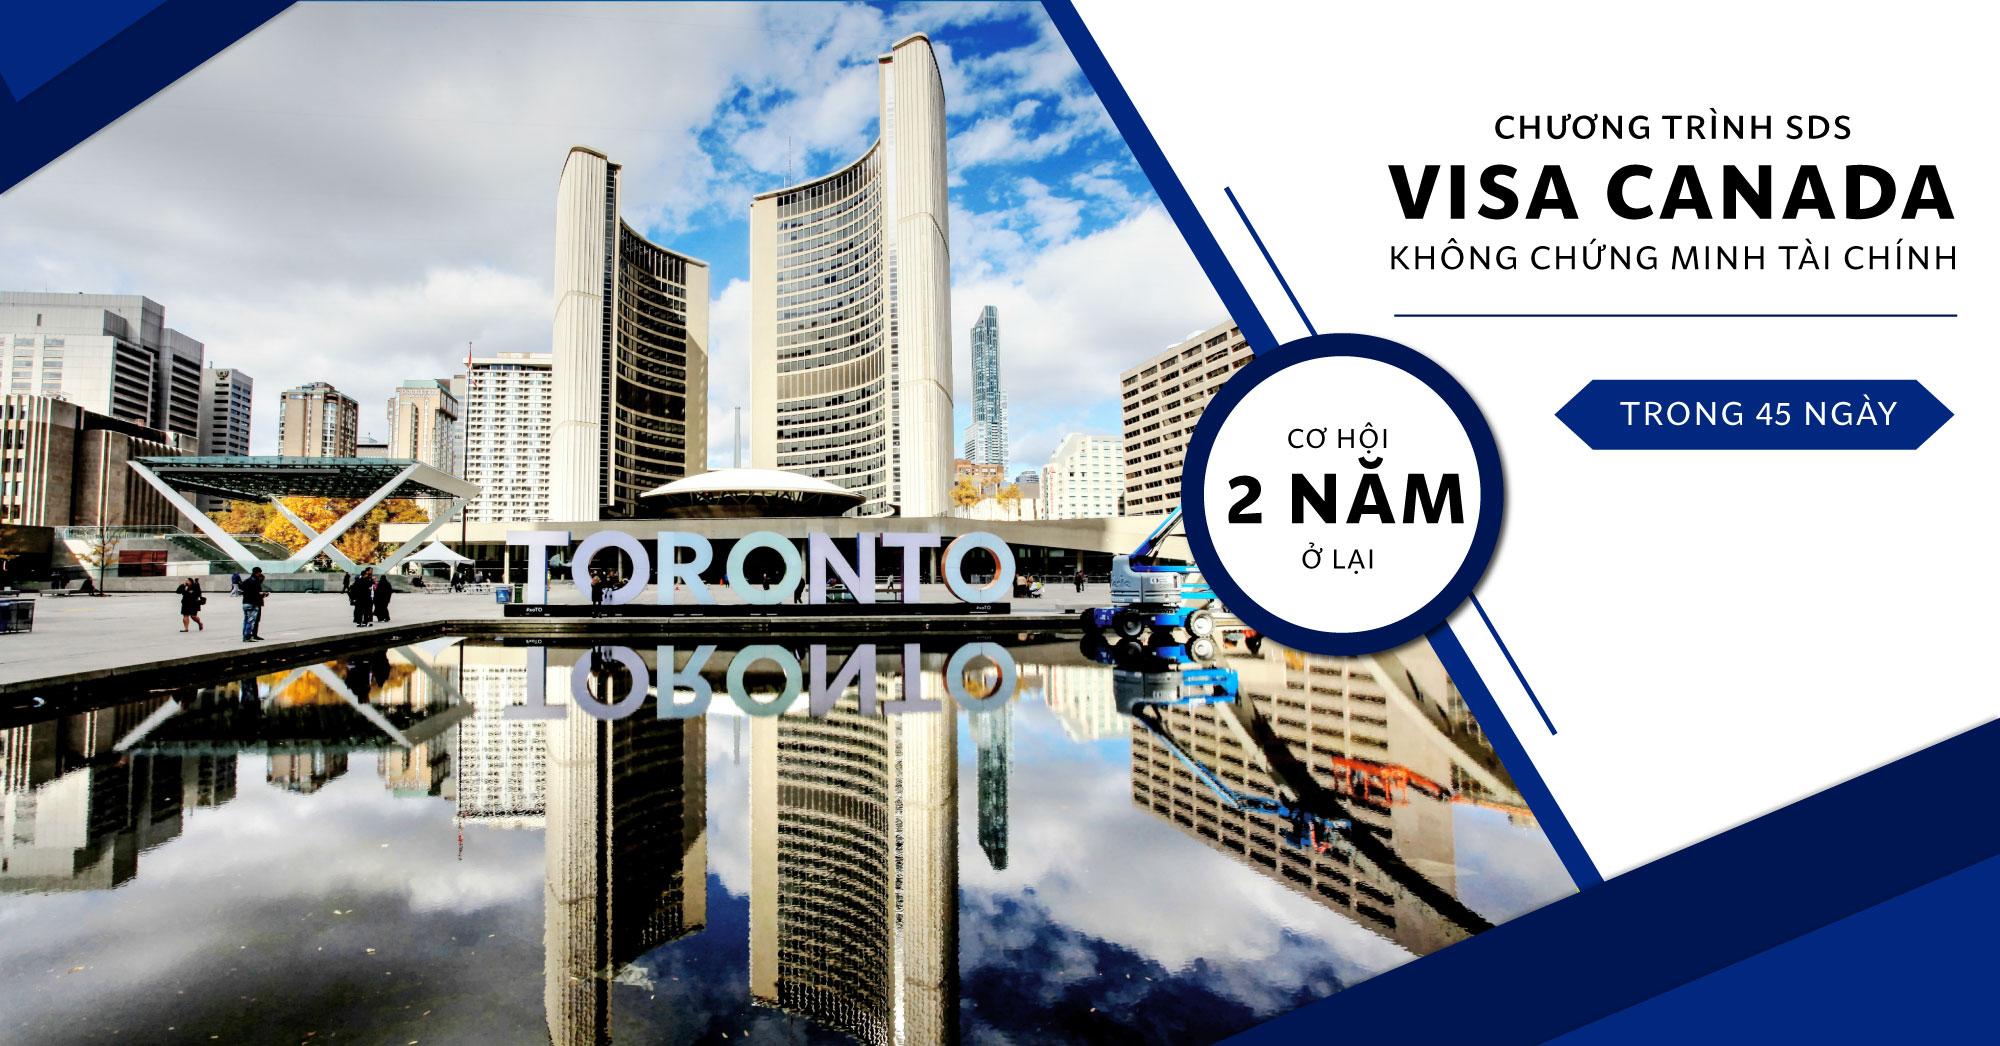 Khẩn- Khởi động chương trình SDS, Du học Canada với VISA ưu tiên